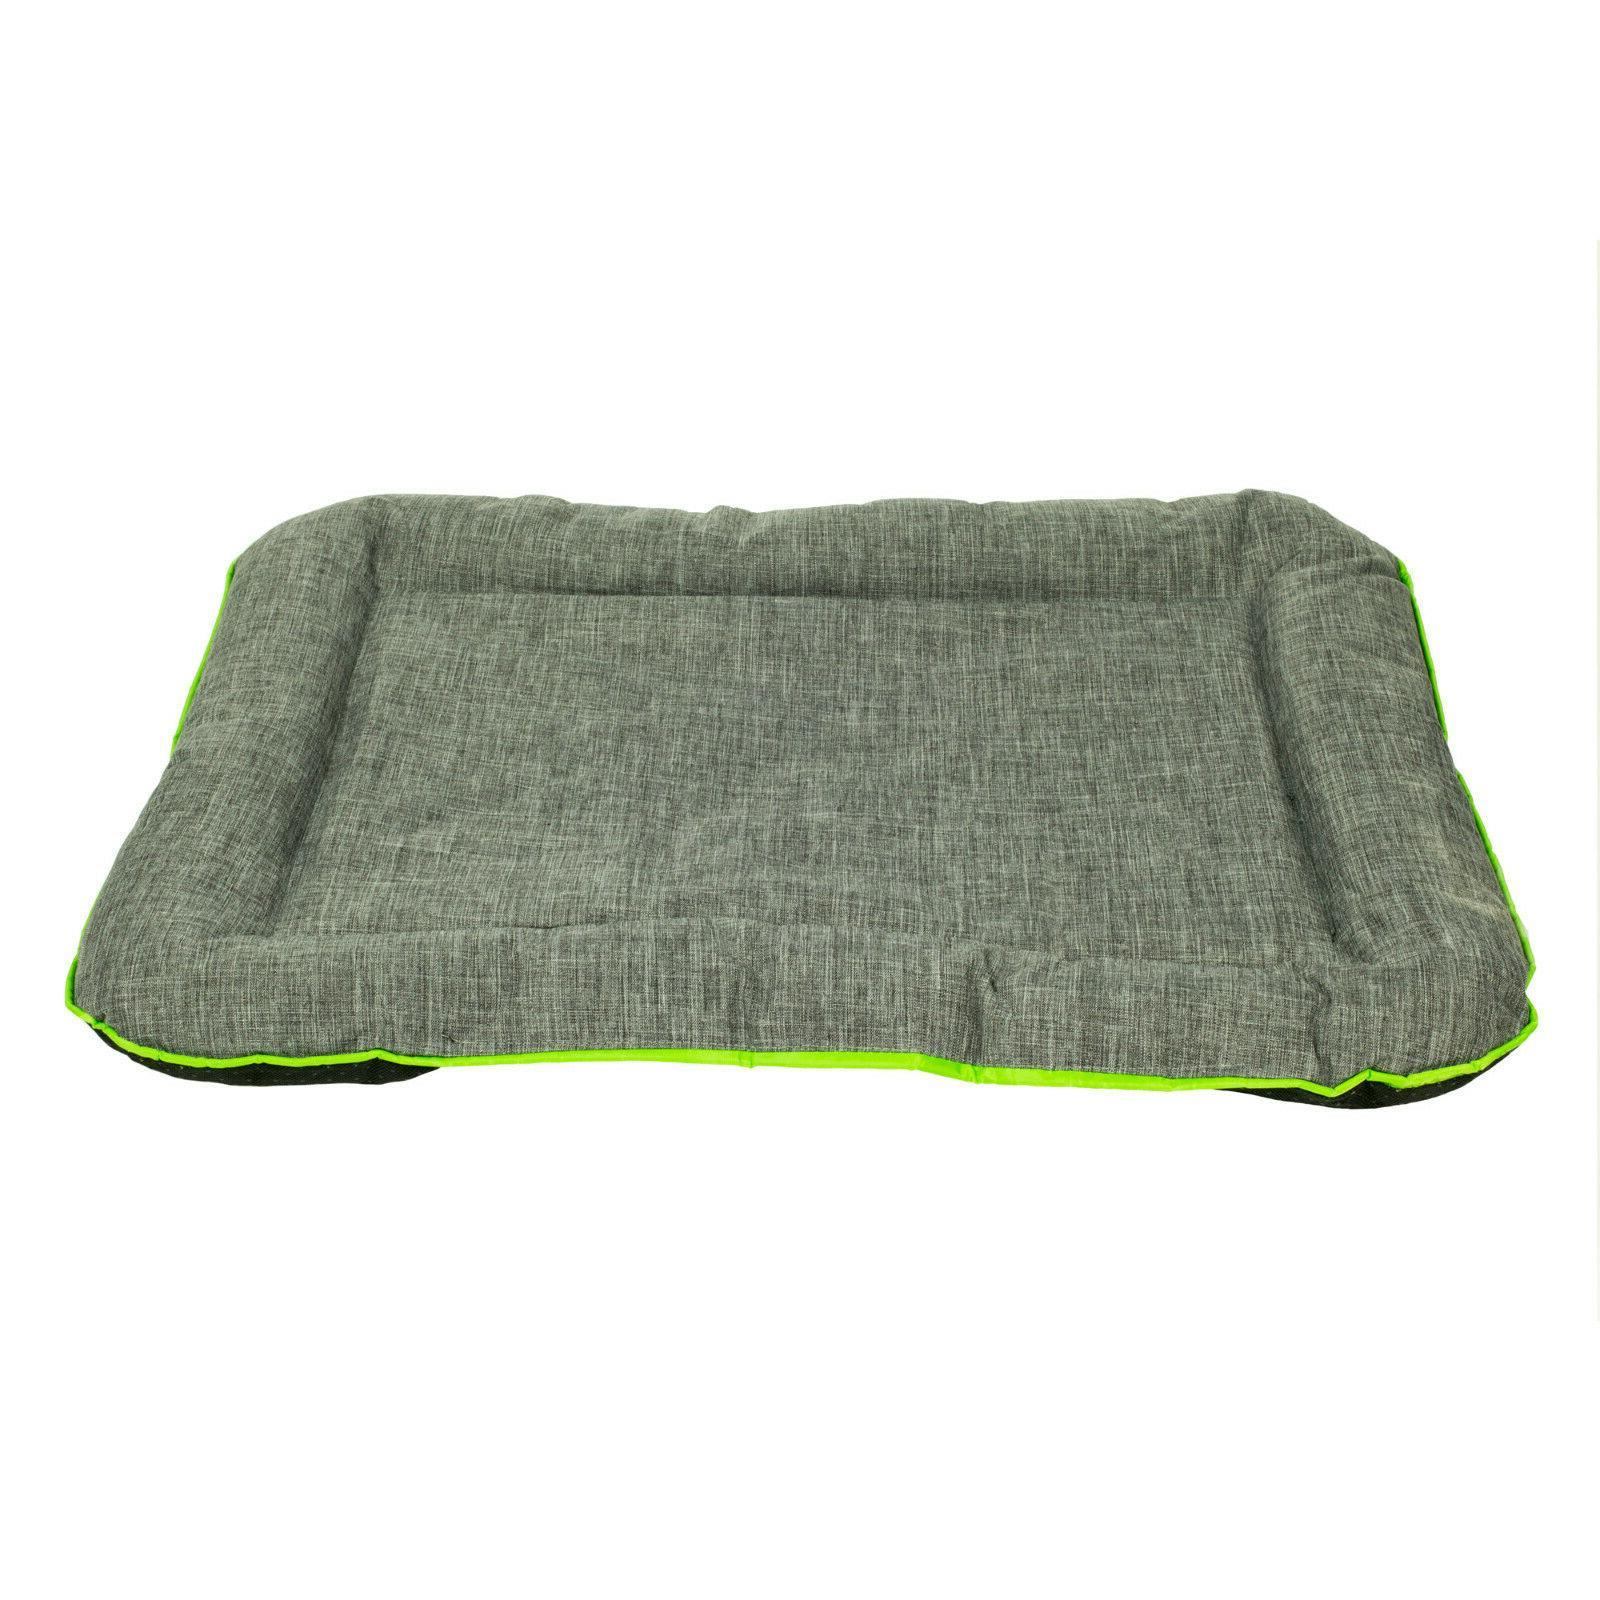 Dog Mat Crate Pad Grey